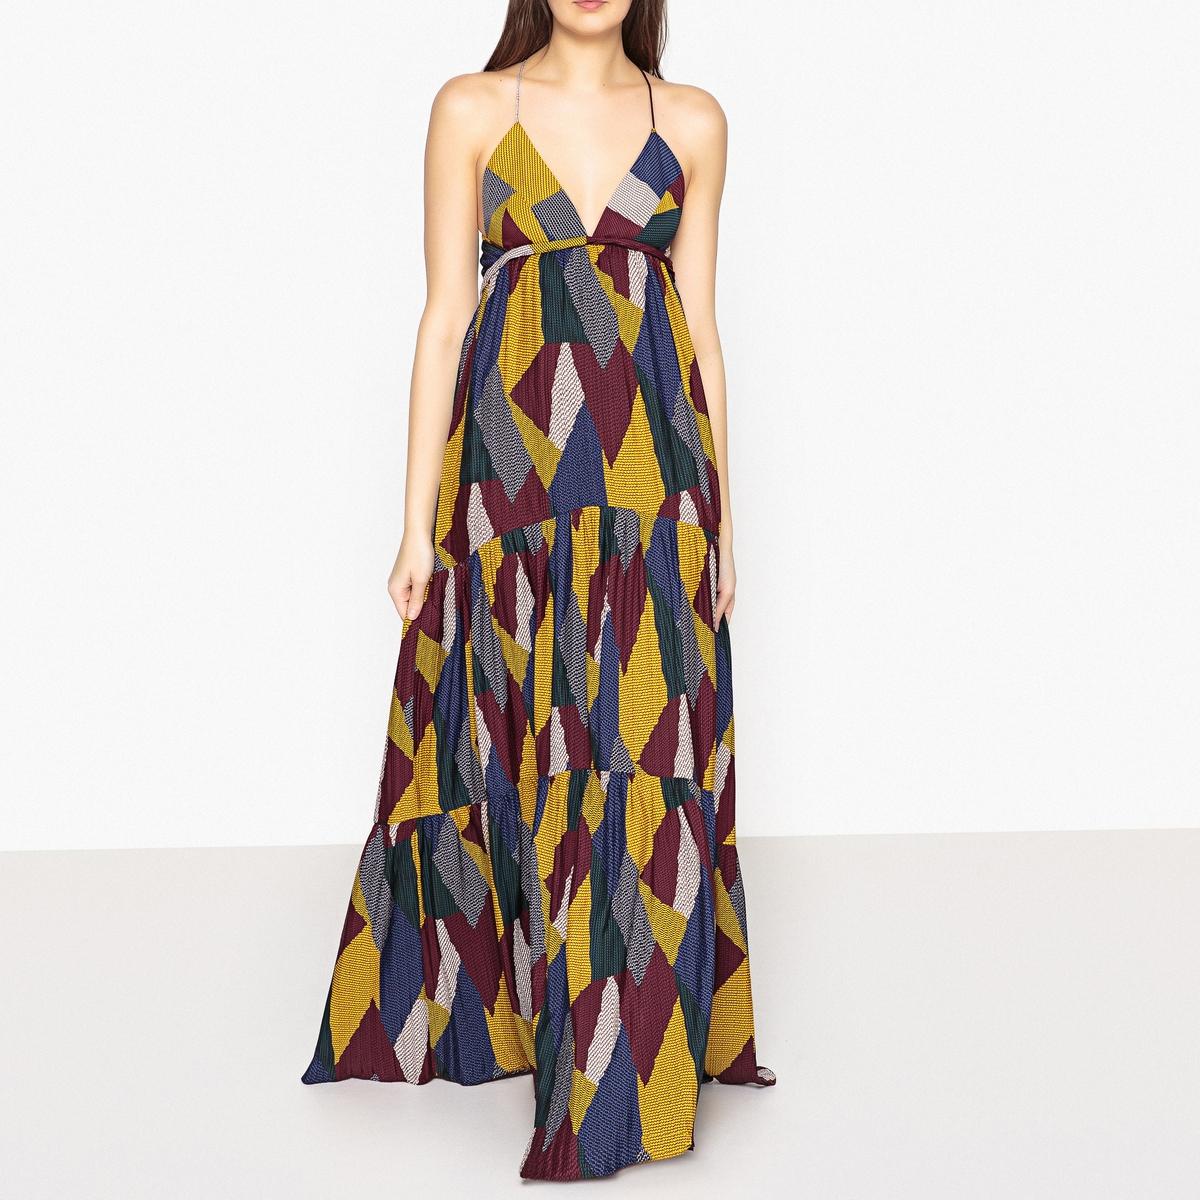 Платье длинное с рисунком WEAVEОписание:Длинное платье с рисунком от BA&amp;SH - модель WEAVE. Длинный широкий низ. Треугольный вырез на груди с небольшим кантом. Тонкие перекрещенные сзади завязки. Подкладка из гофрированной ткани.Детали •  Форма : расклешенная •  Укороченная модель •  Тонкие бретели    •   V-образный вырез •  Рисунок-принтСостав и уход •  100% полиэстер •  Следуйте советам по уходу, указанным на этикеткеДлина : более 120 см для размера S (под грудью)<br><br>Цвет: разноцветный